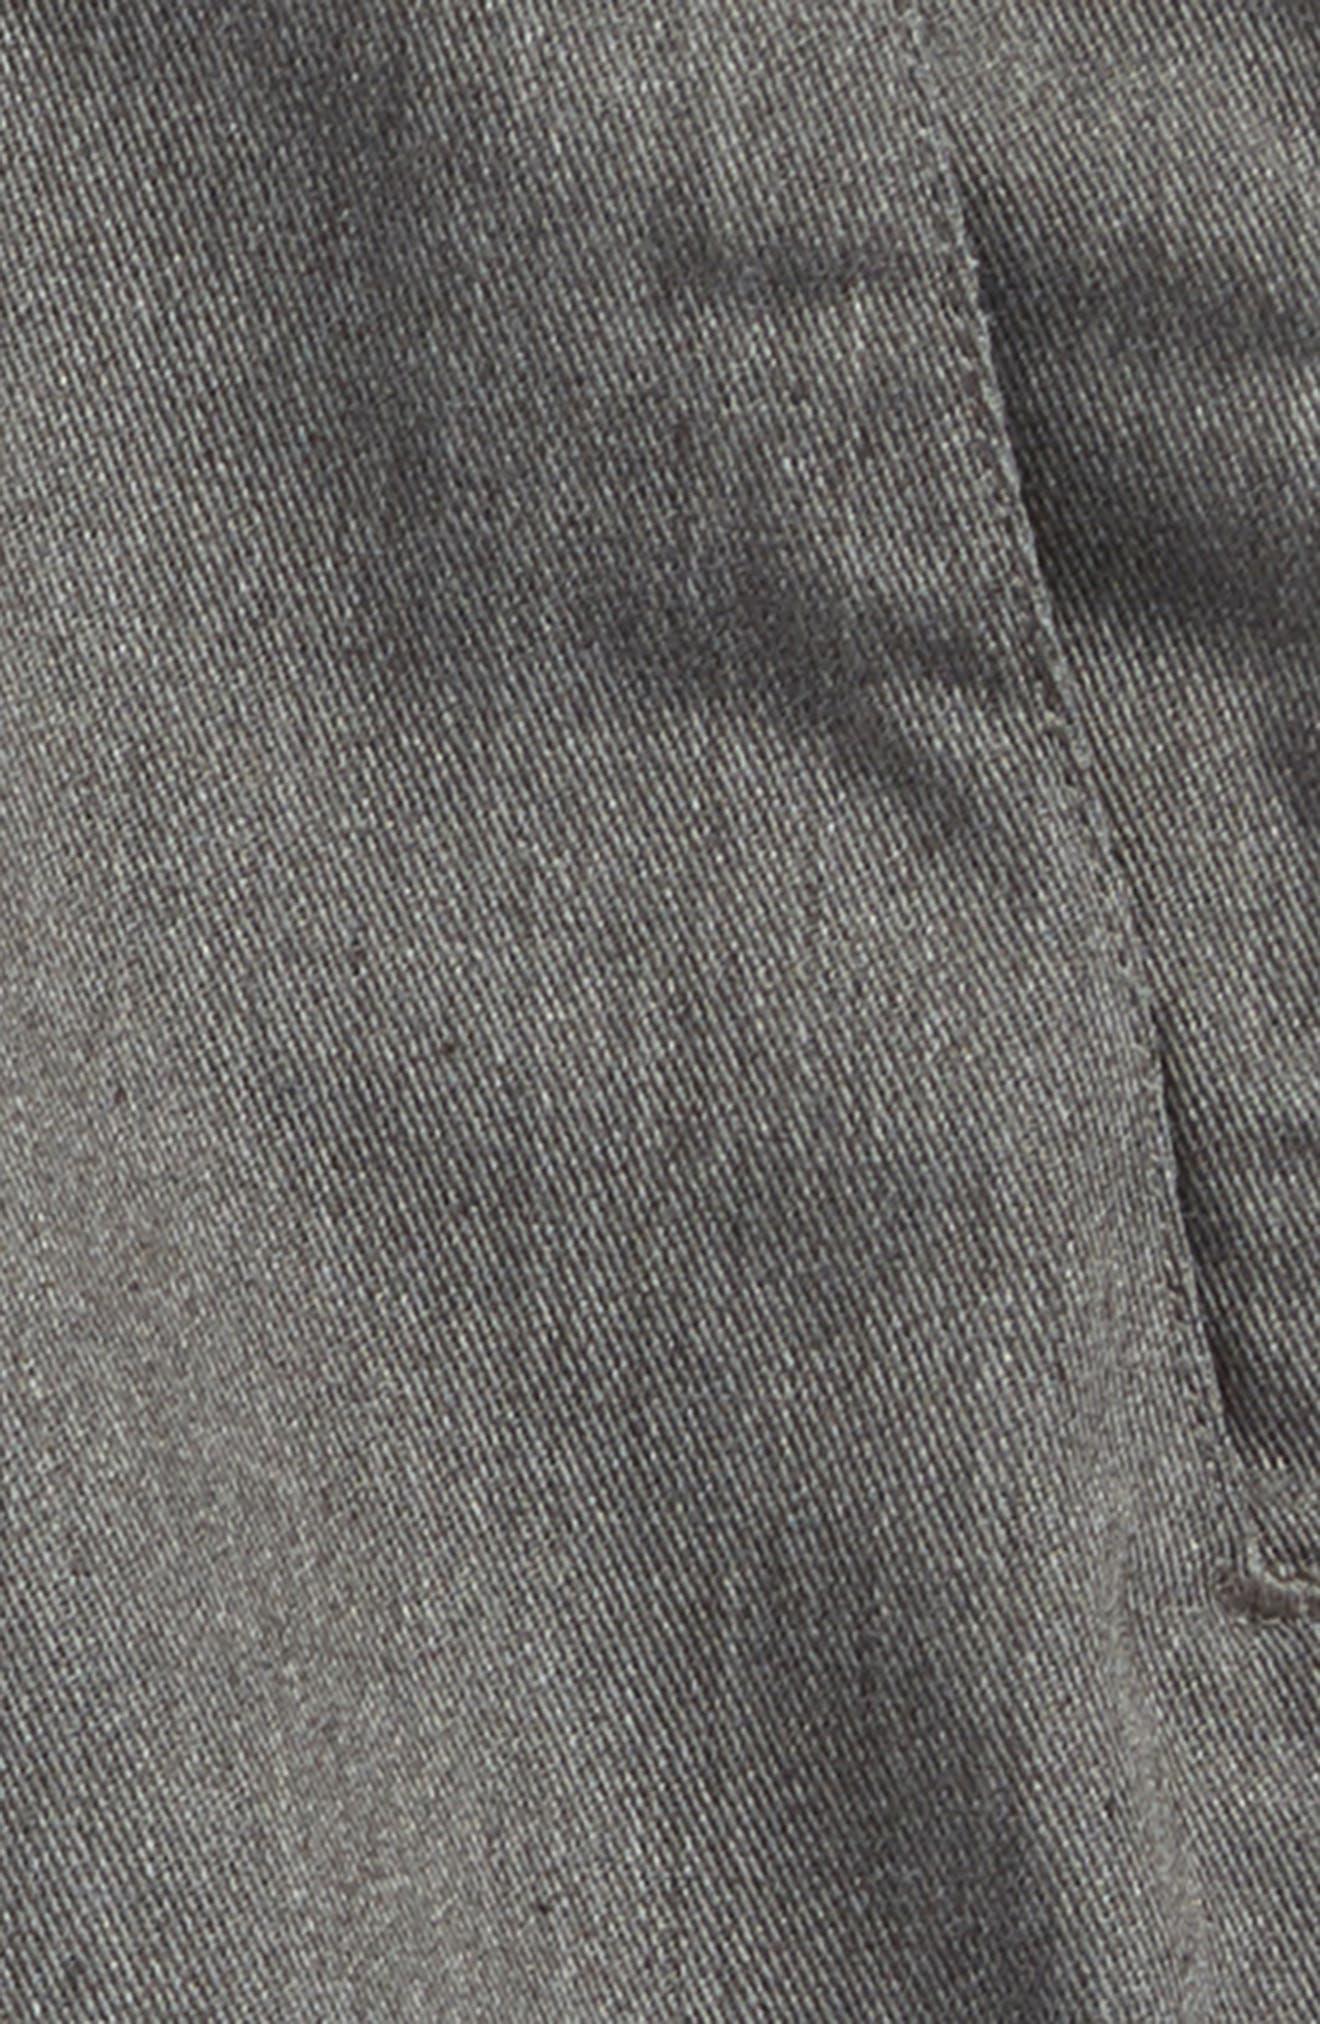 Chino Shorts,                             Alternate thumbnail 2, color,                             001